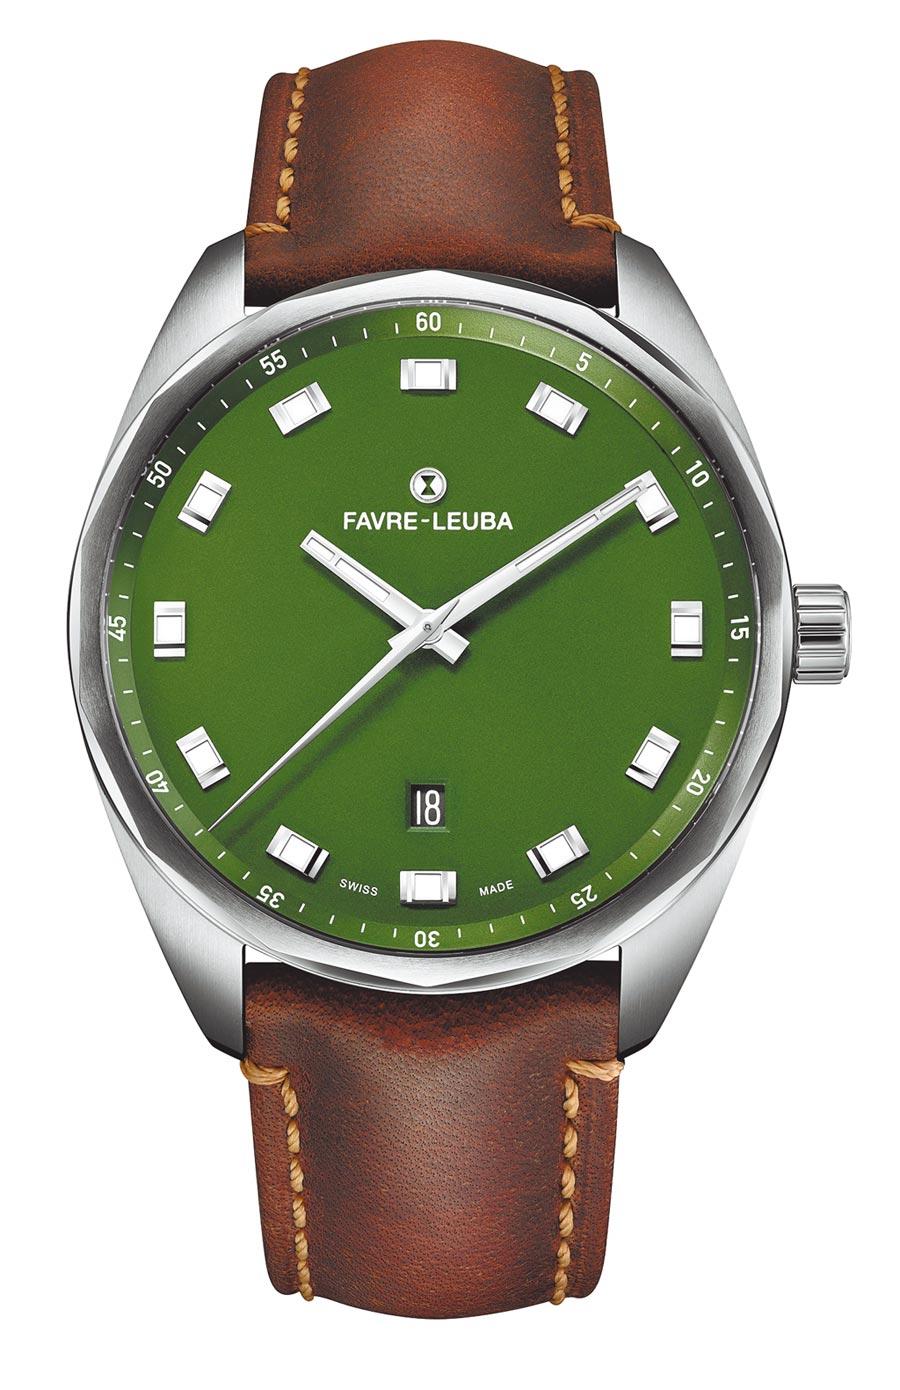 域峰表Sky Chief Date綠色表盤腕表,狂野中流露紳士品味,牛皮表帶款5萬8000元。(Favre-Leuba提供)